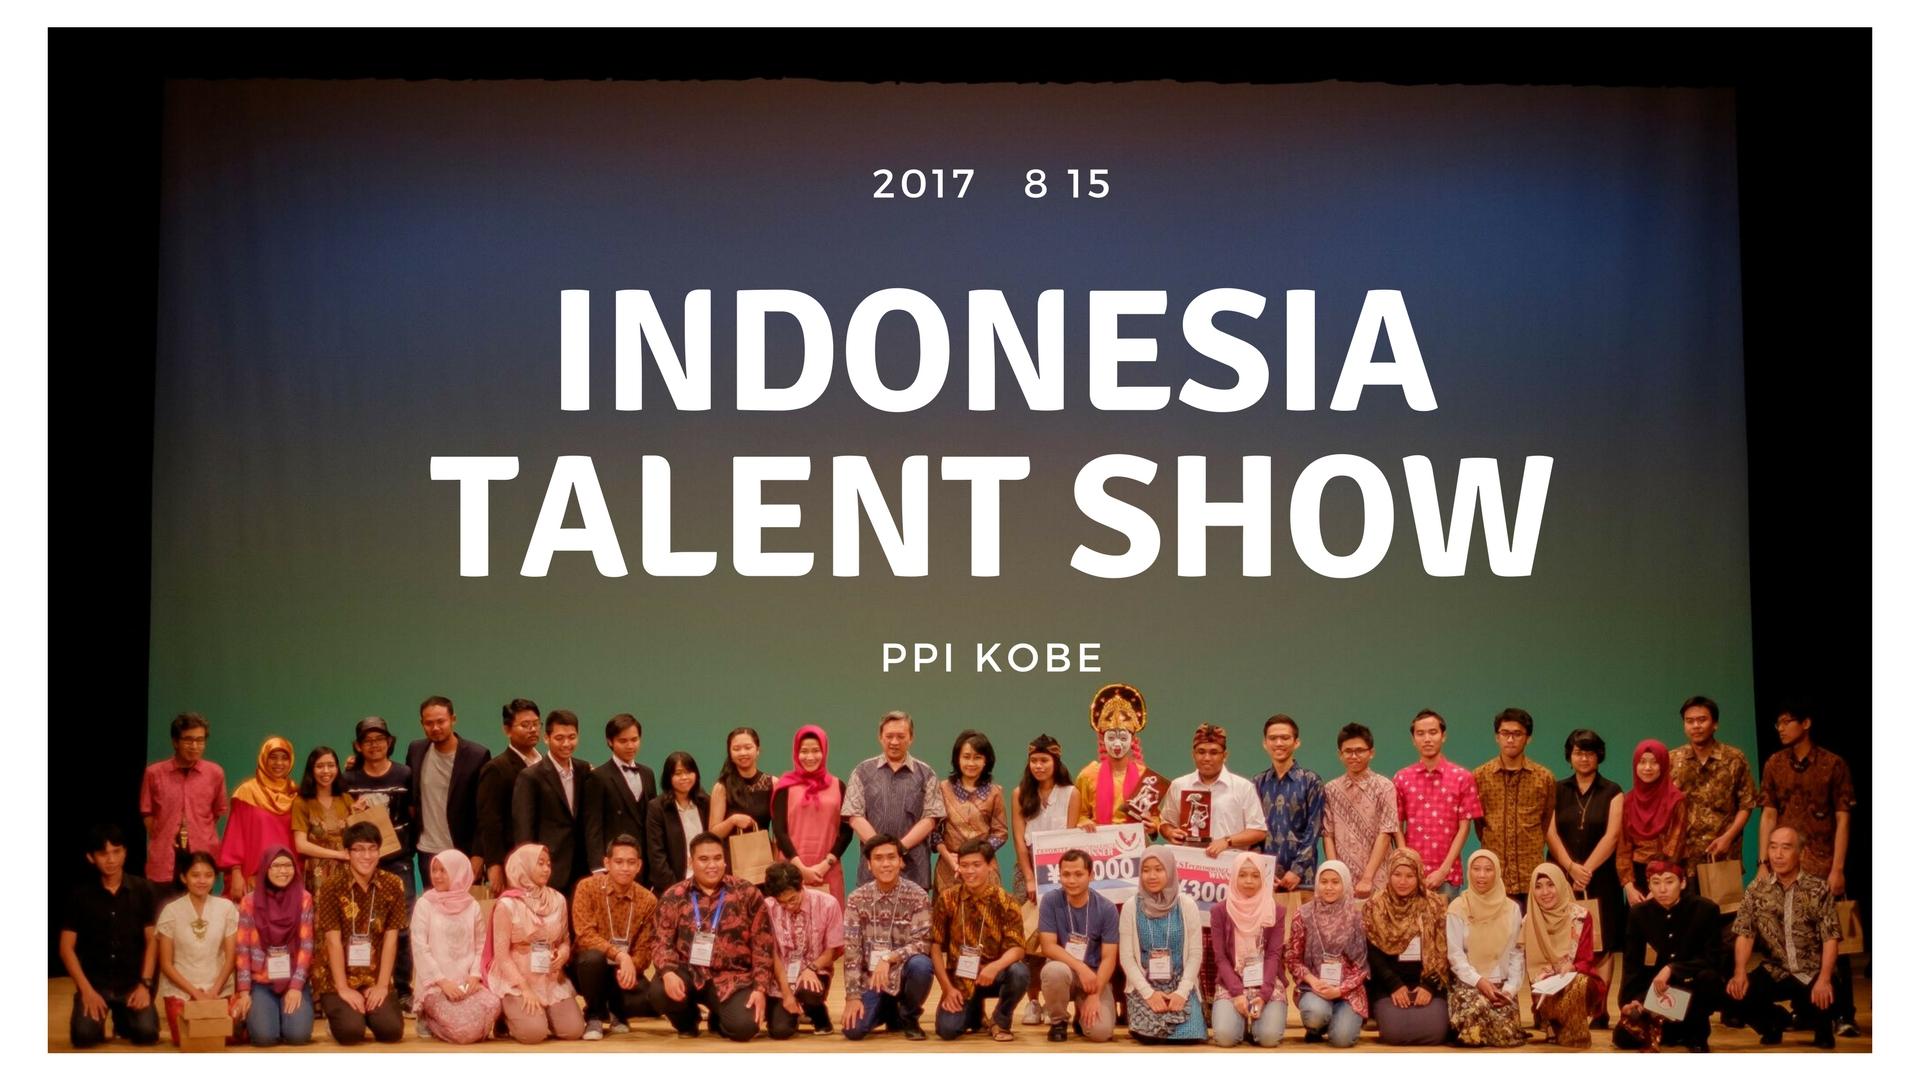 ゲスト加藤ひろあきさん!PPI神戸主催インドネシアタレントショー2017に参加してきました